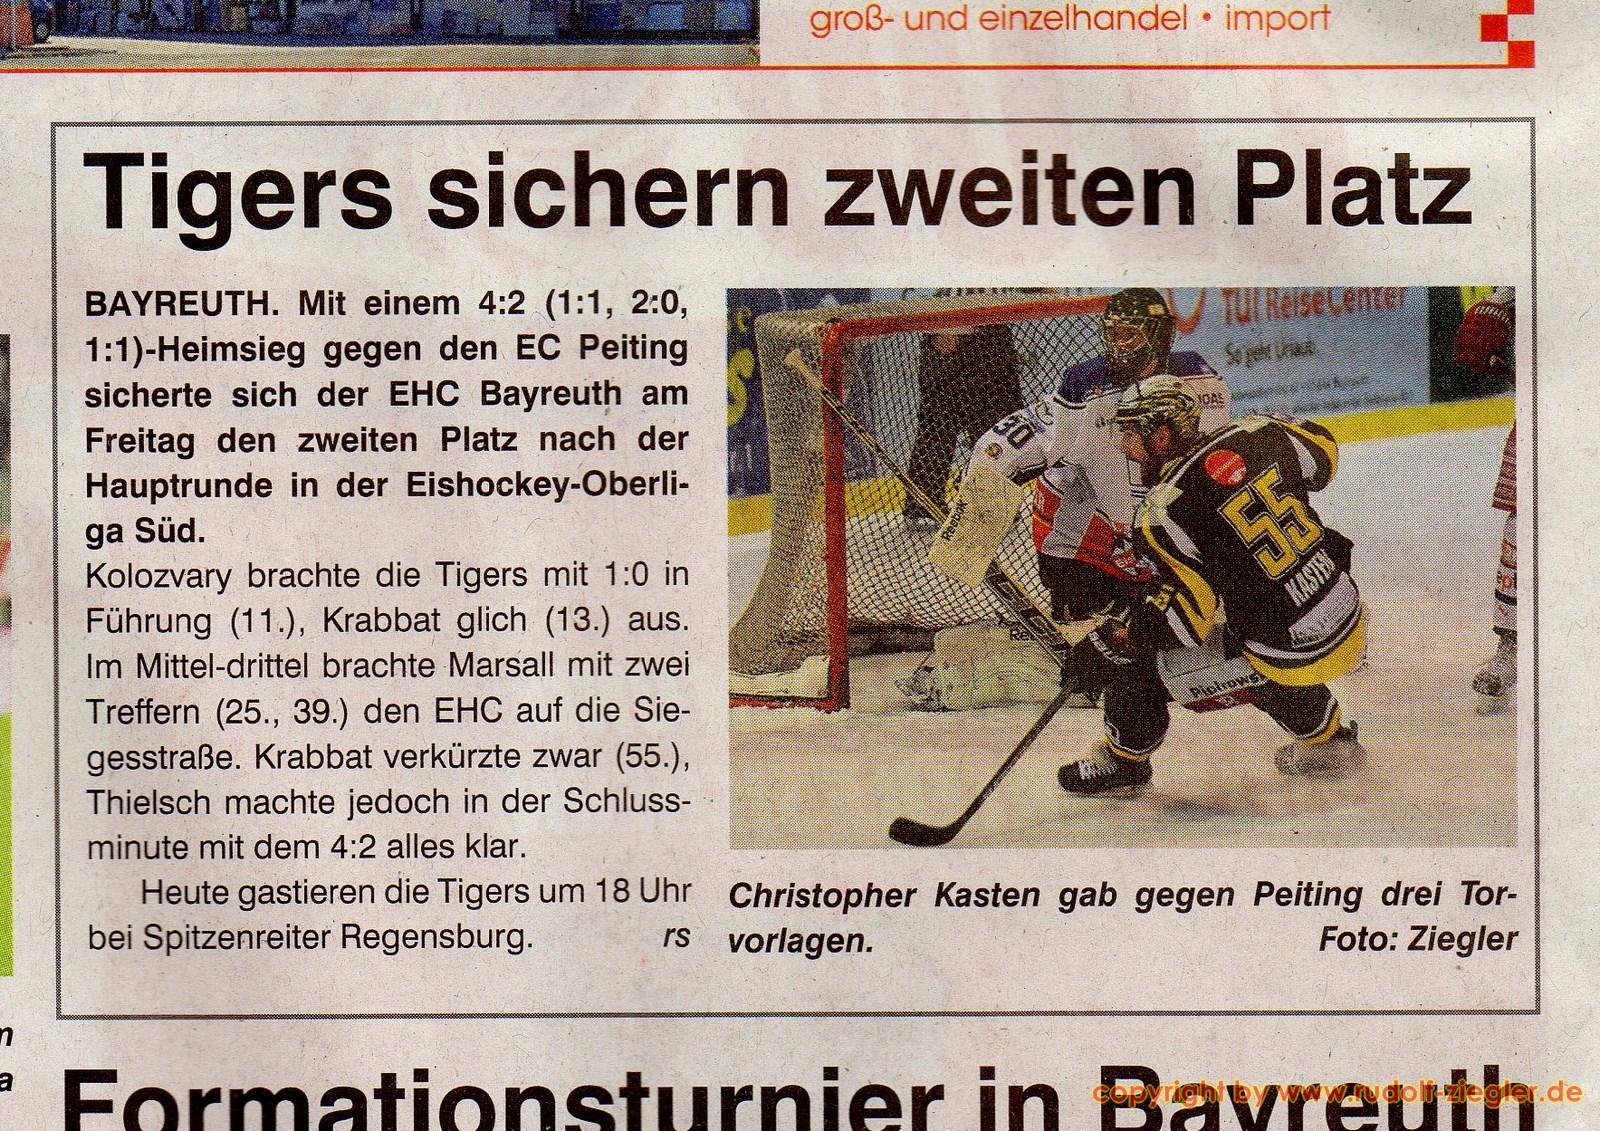 Bayreuther Sonntagszeitung 2016-02-21- A (1600x1200)